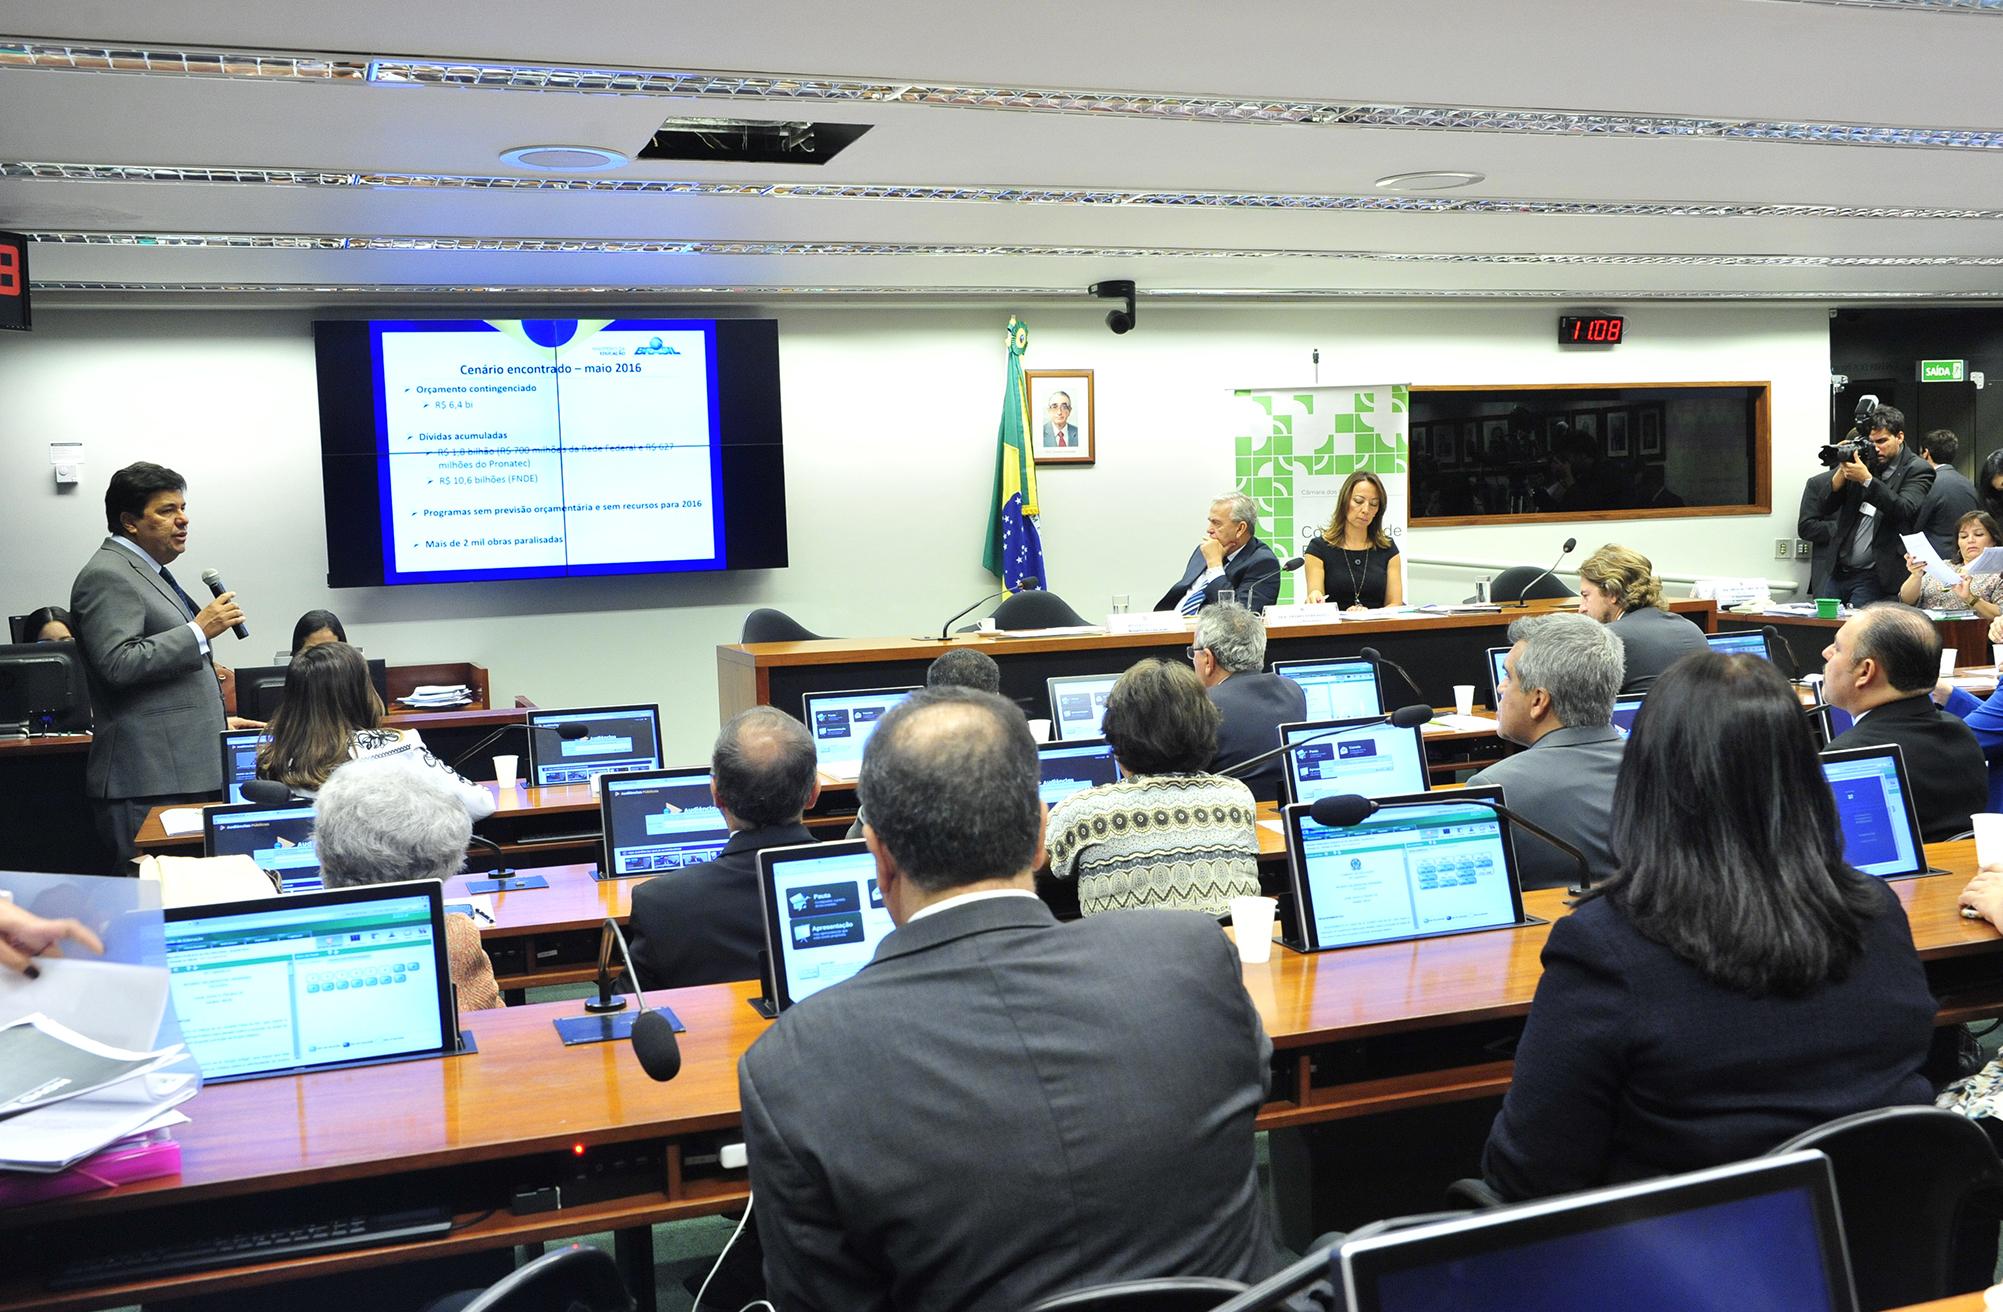 Reunião ordinária com o ministro da Educação, José Mendonça Bezerra Filho para esclarecimentos sobre a MP 746/16, sobre a reforma do Ensino Médio